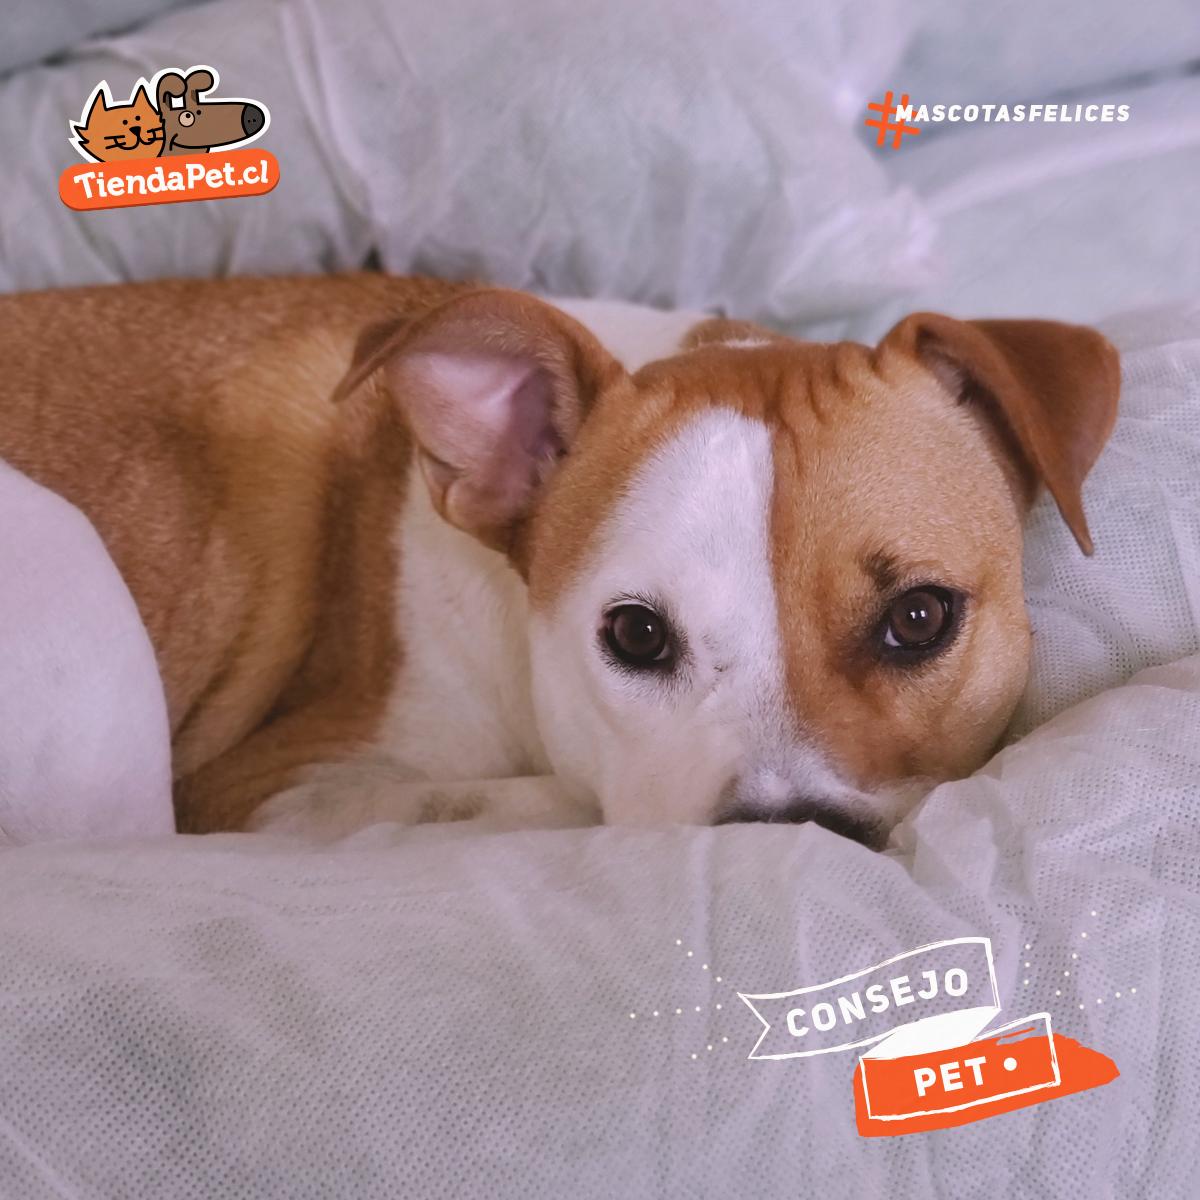 Resfriado en mascotas: síntomas y cuidados